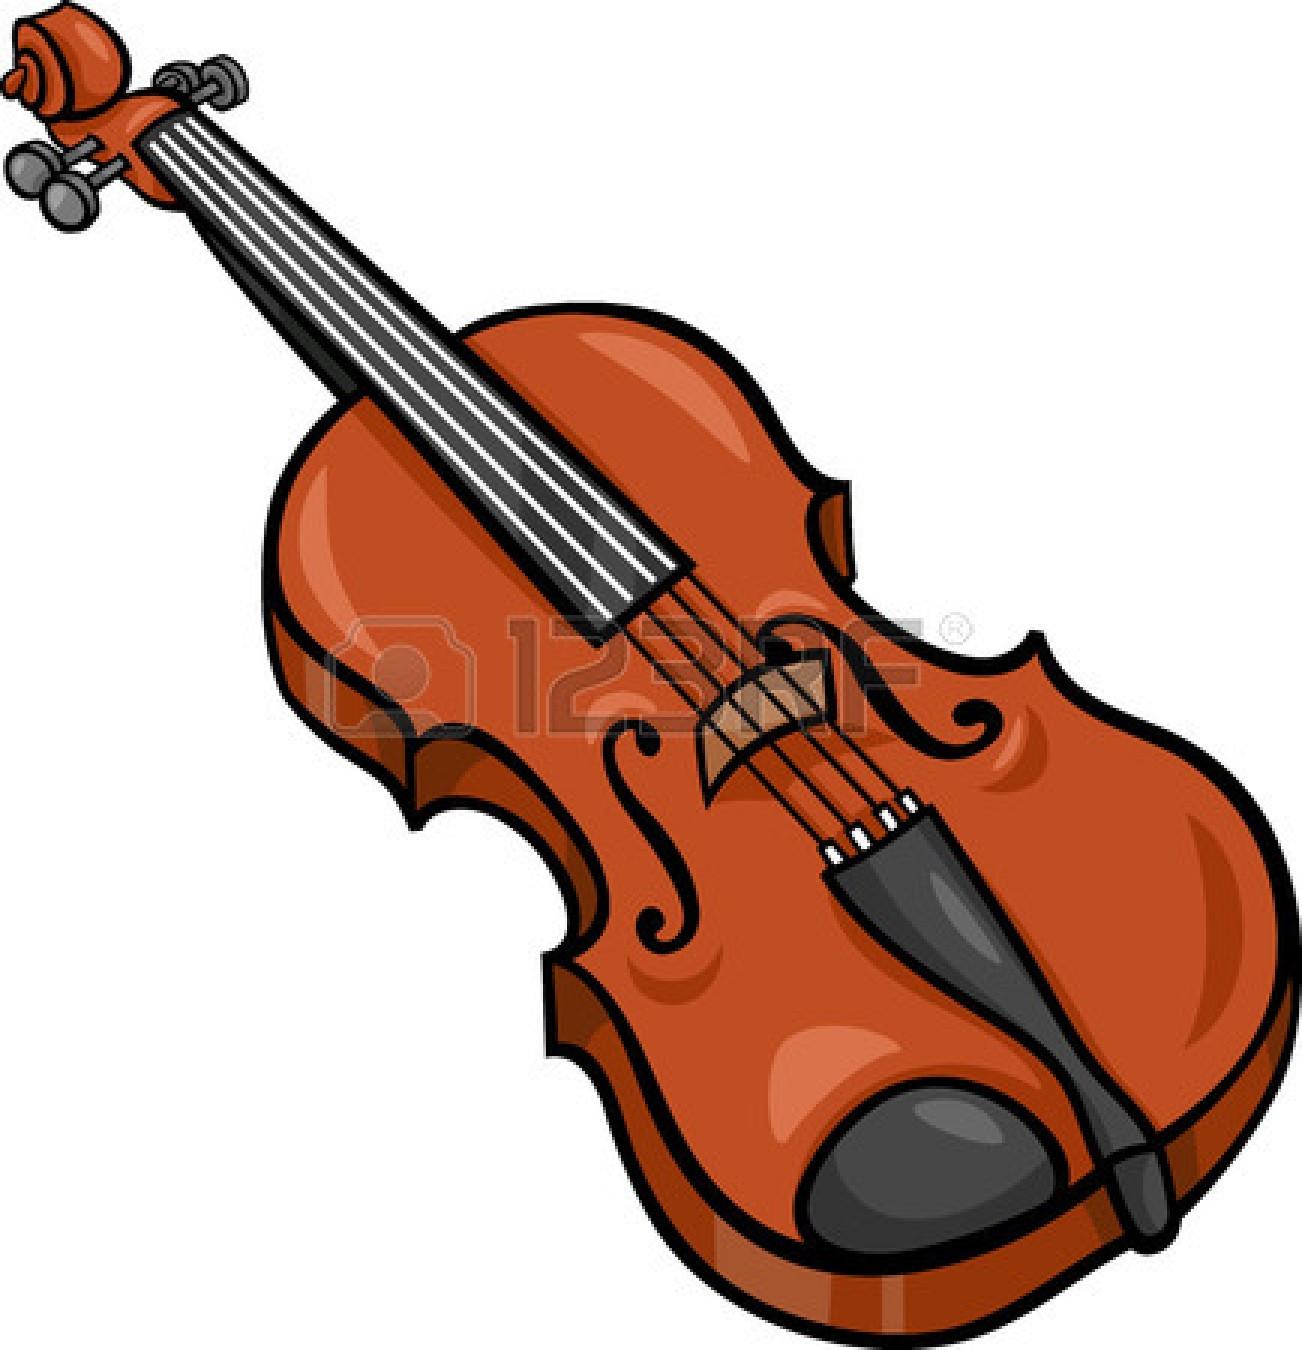 Cello Clipart Black And White | Clipart ...